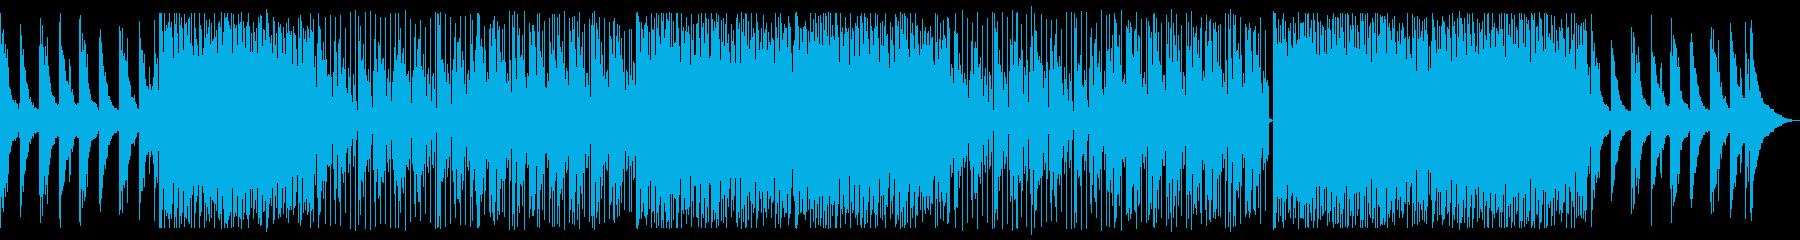 エモーショナルなエレクトロ(メロなし)の再生済みの波形